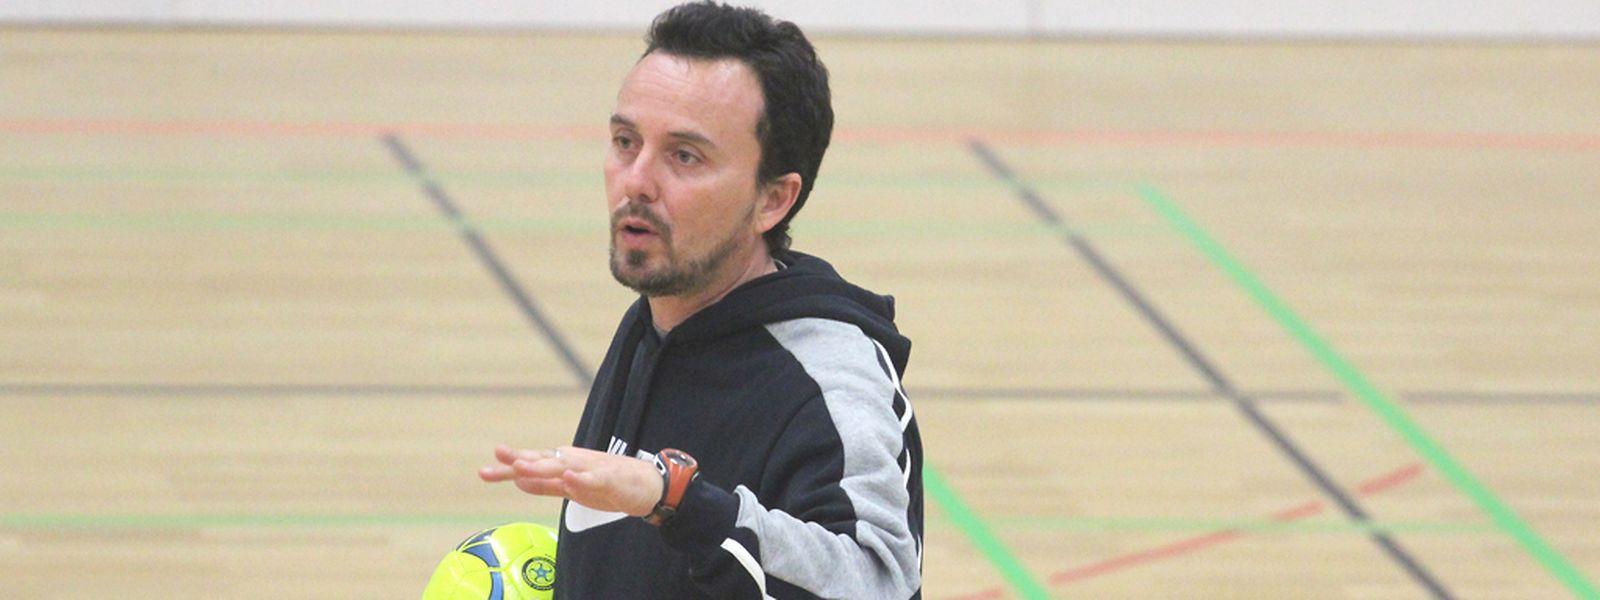 Nacho Garrido no seu primeiro treino em Münsbach